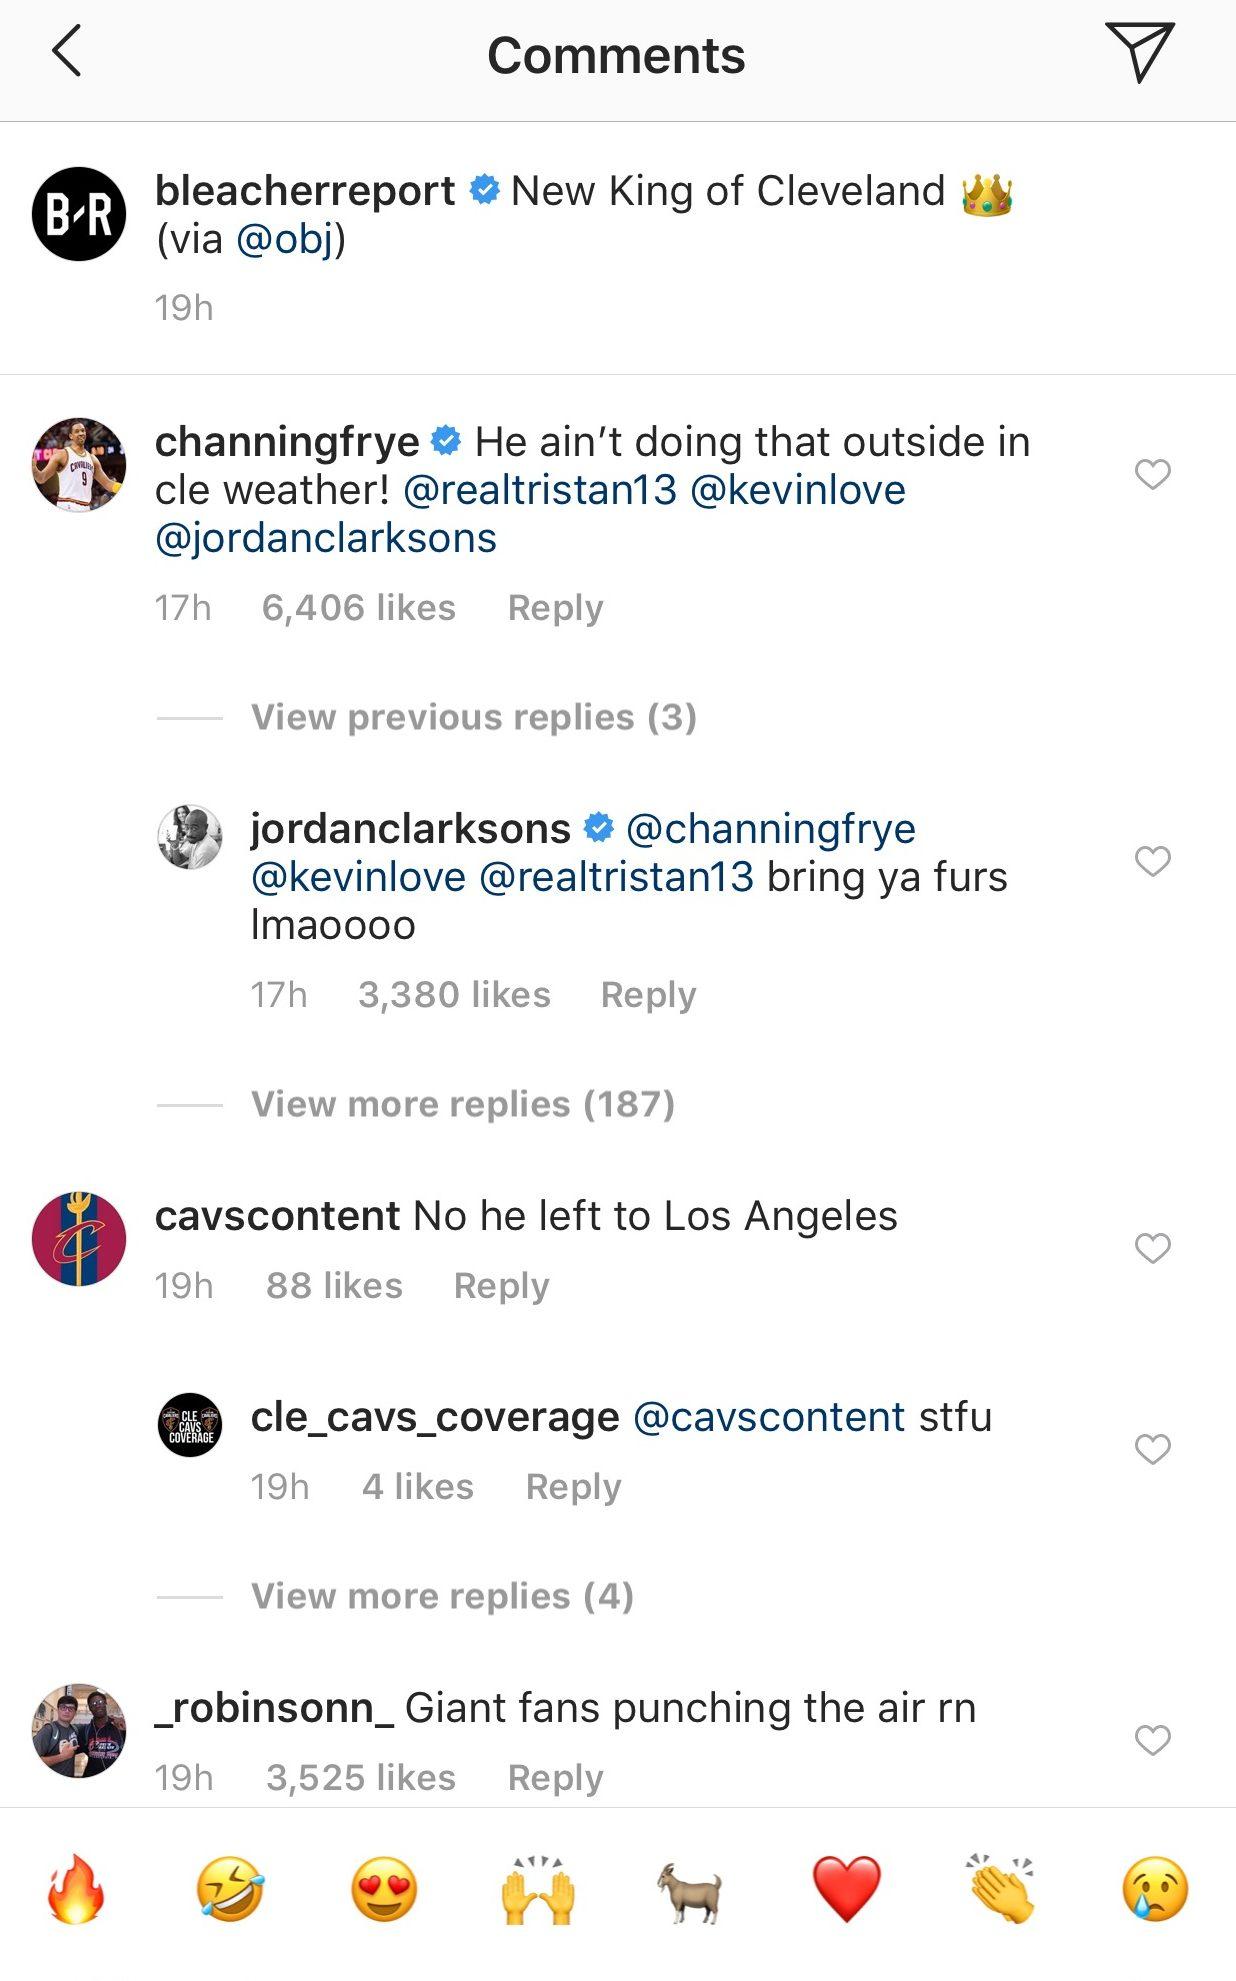 Channing Frye, Jordan Clarkson, Odell Beckham Jr. Instagram